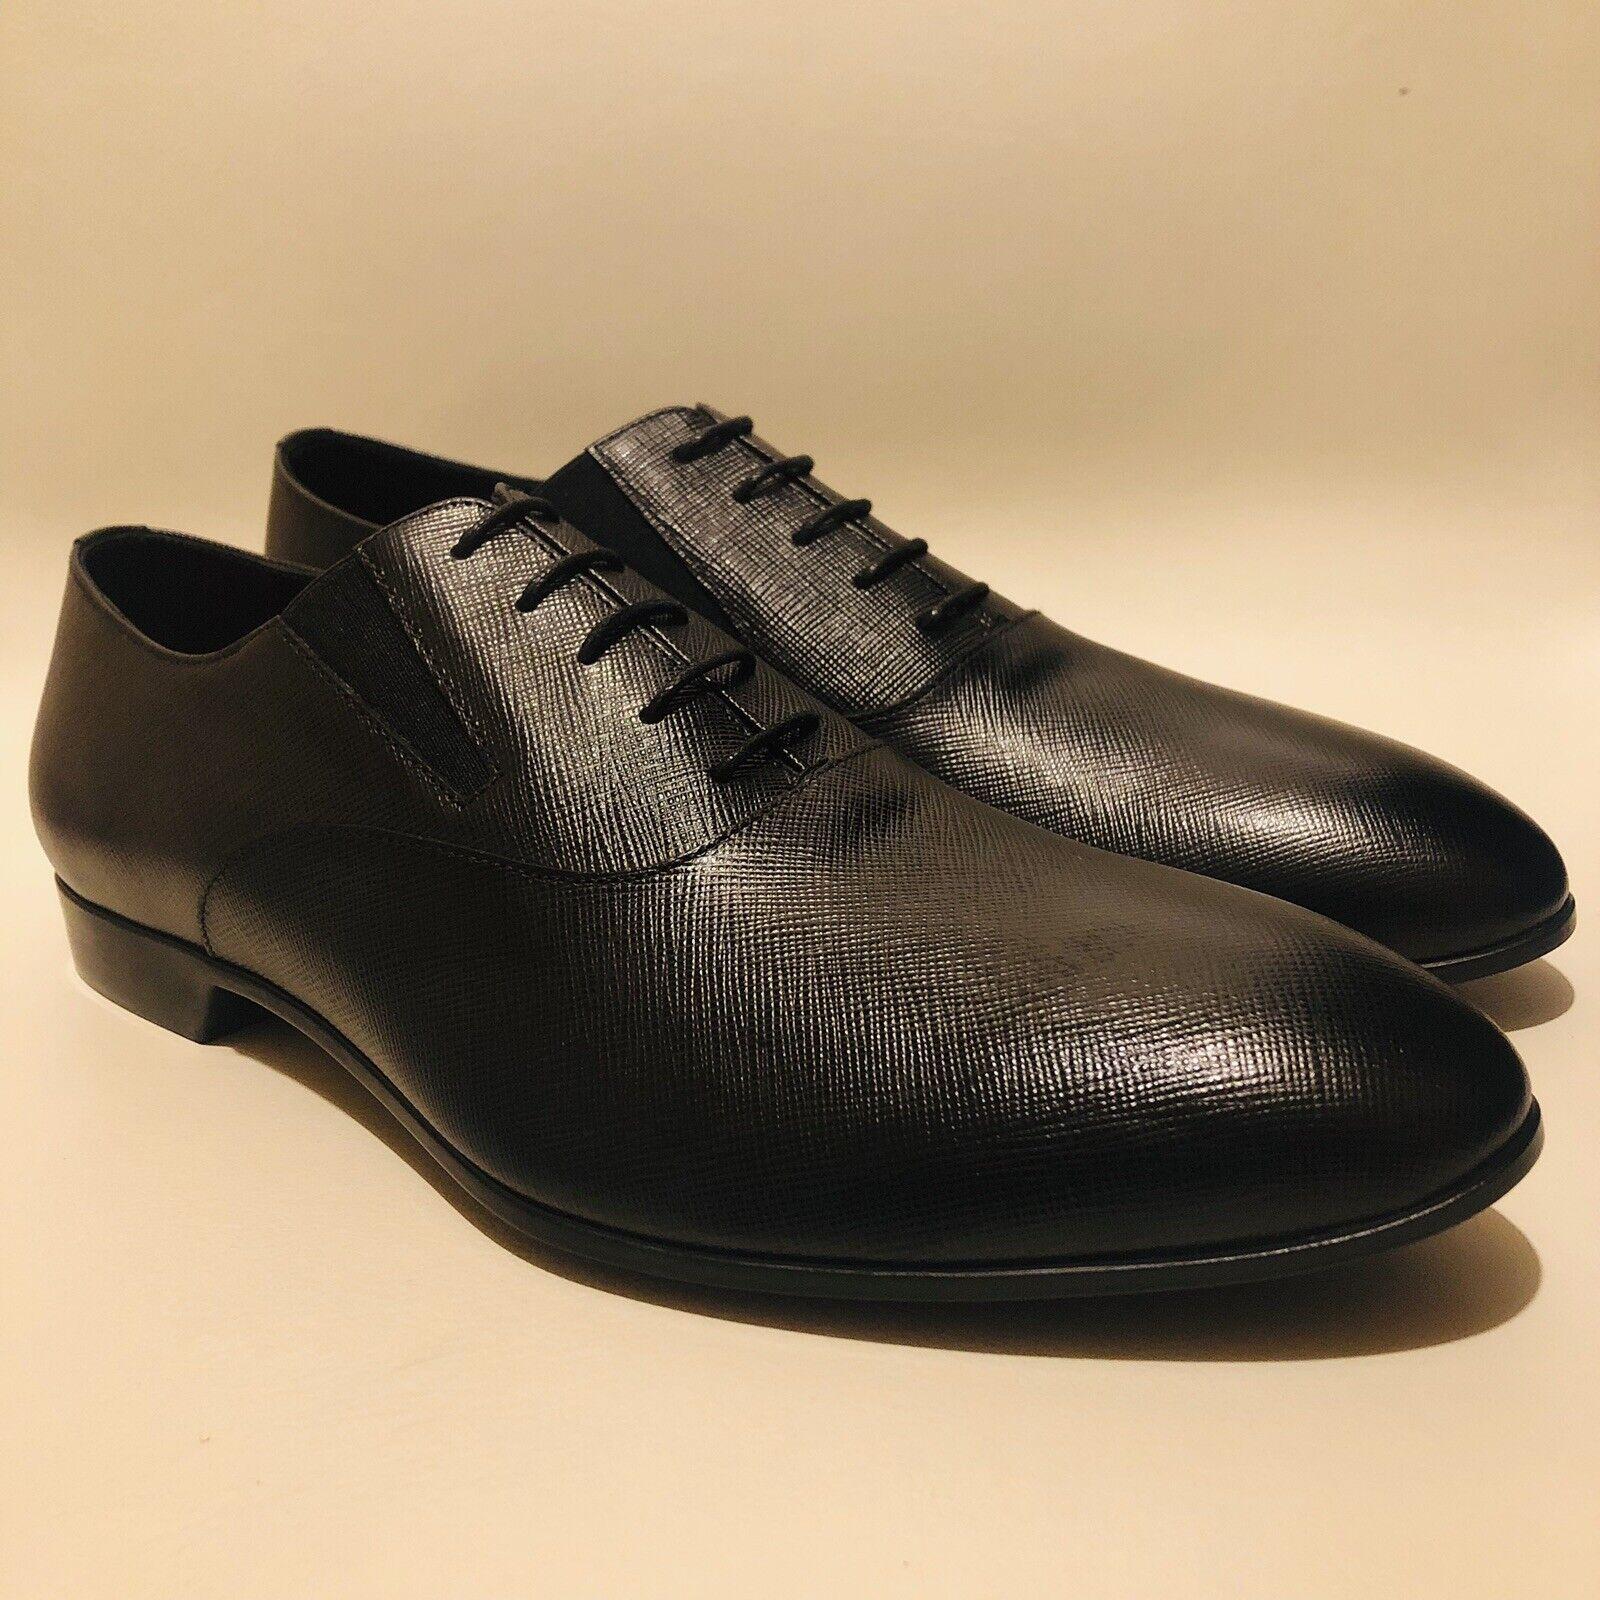 Zapatos de Cuero Prada saffiano Negro para Hombre UK     11.5 de EE. UU.